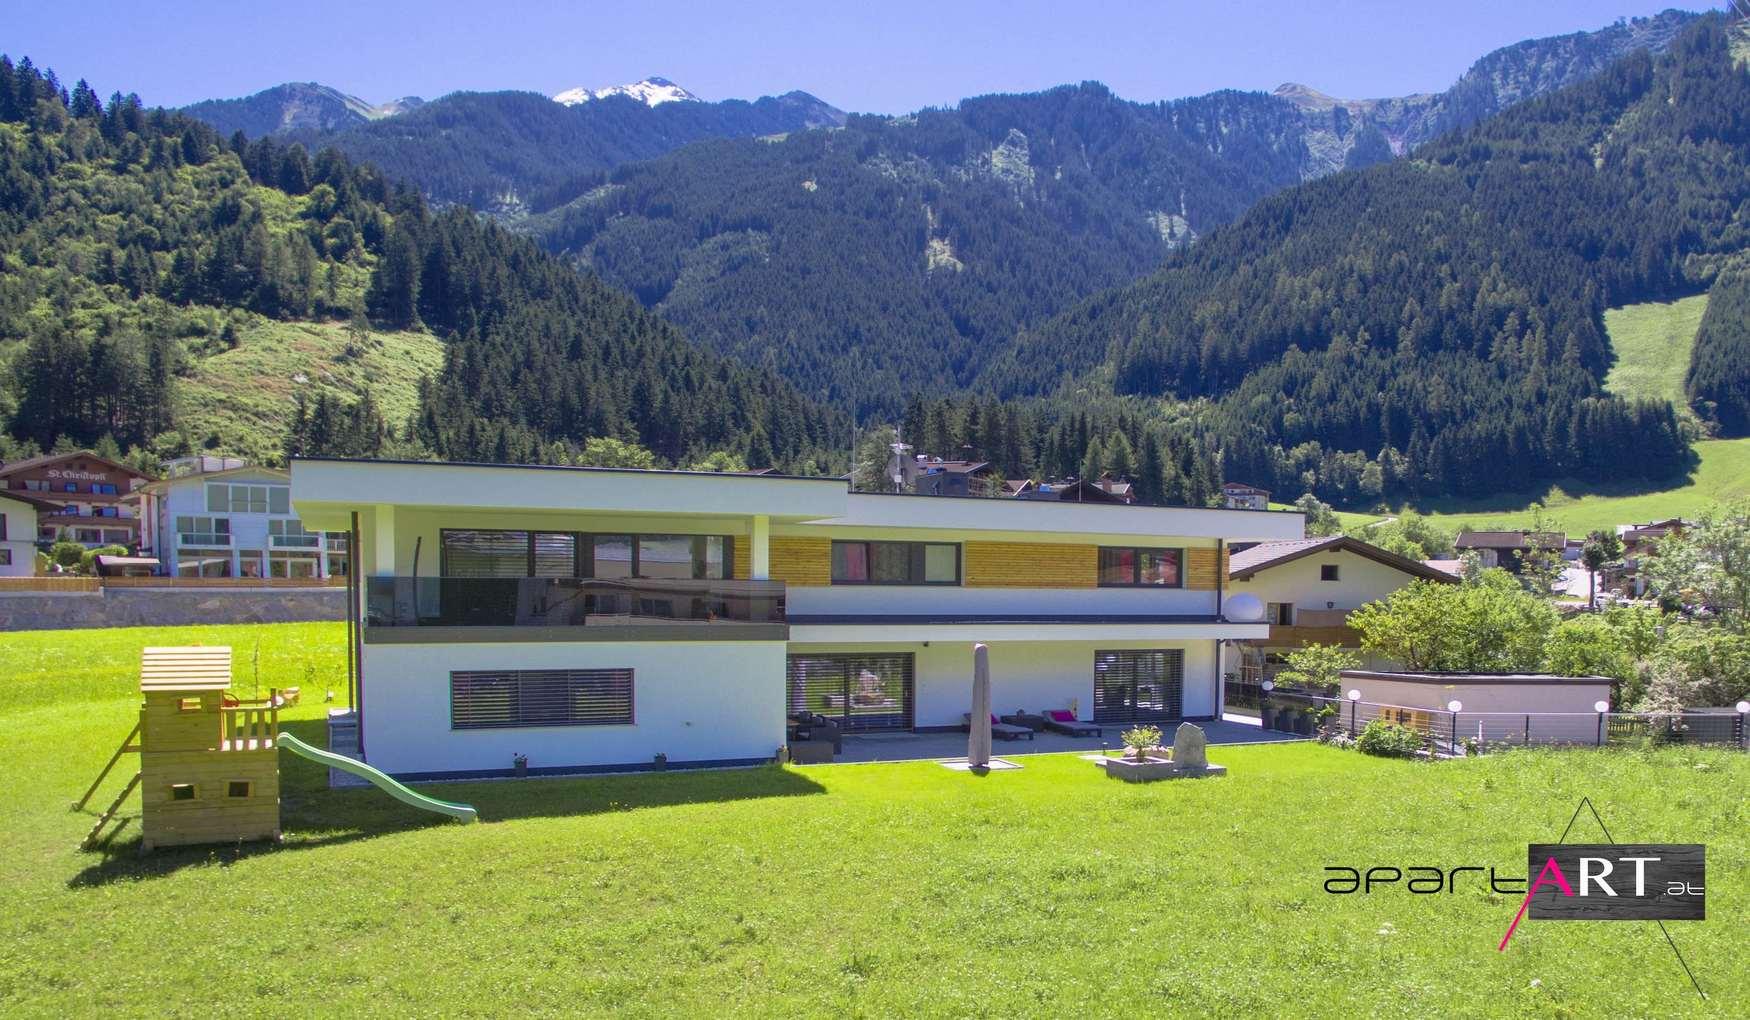 ApartArt Mayrhofen